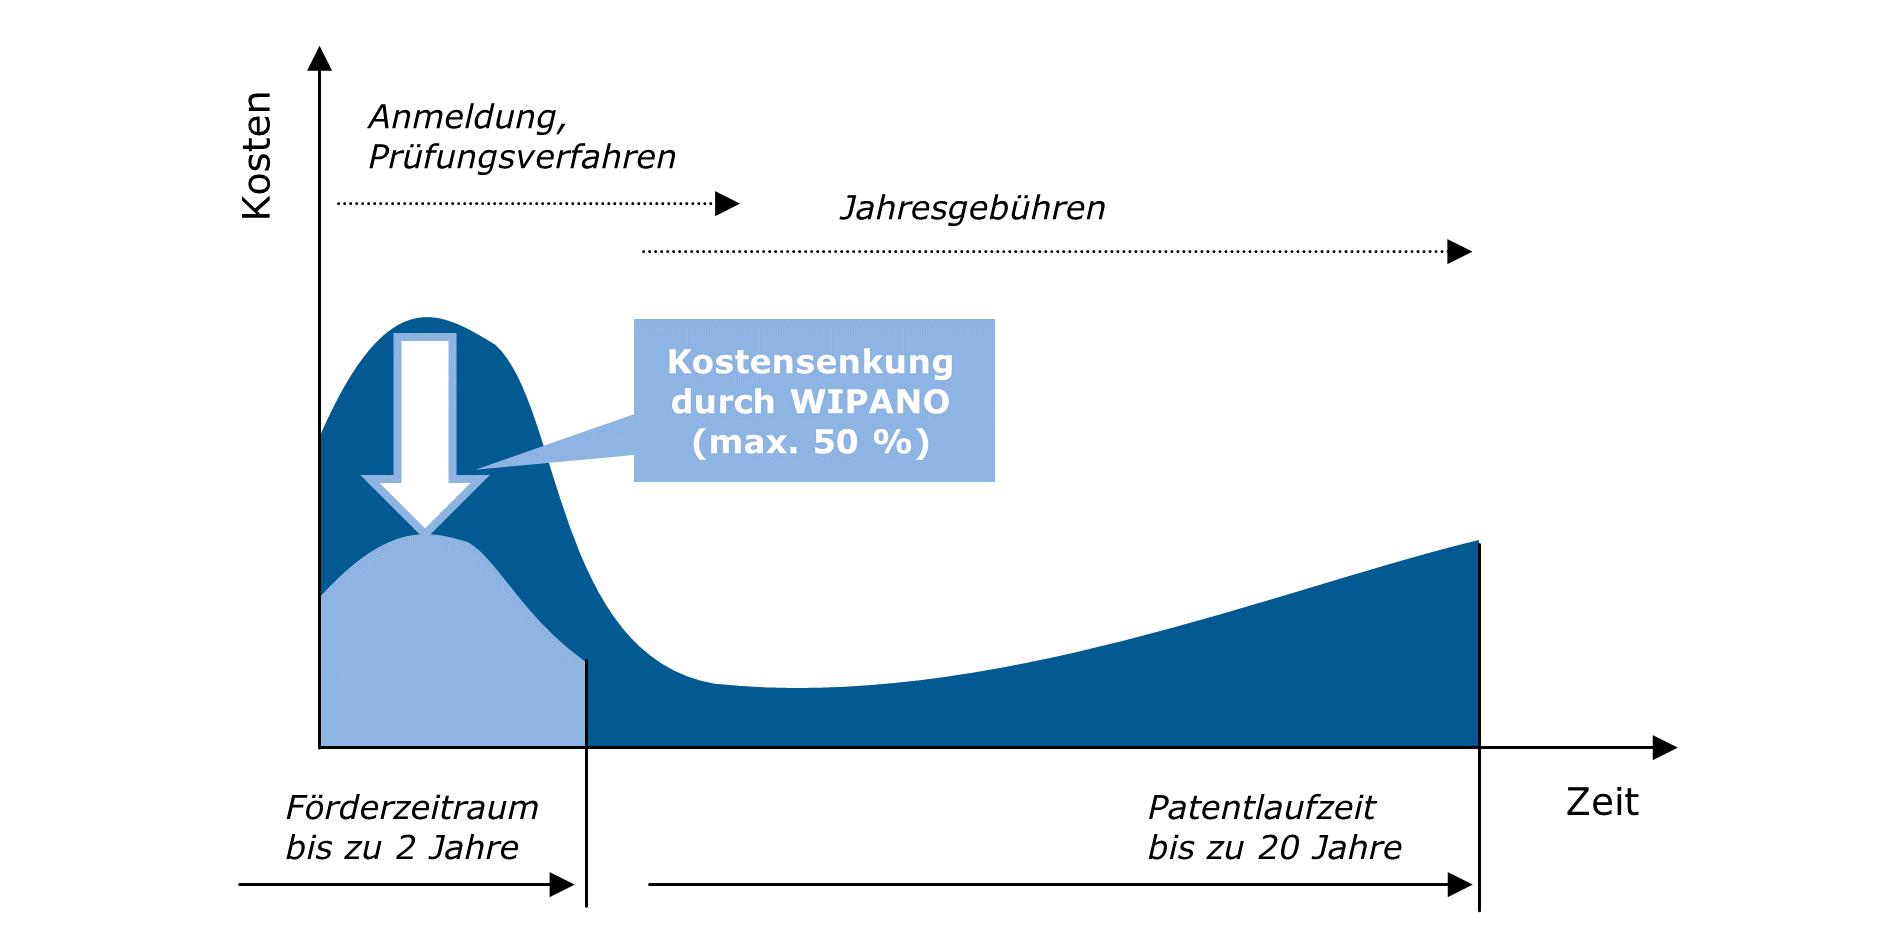 Verlauf der direkten Schutzrechtskosten bei einer Patentanmeldung (schematisch)